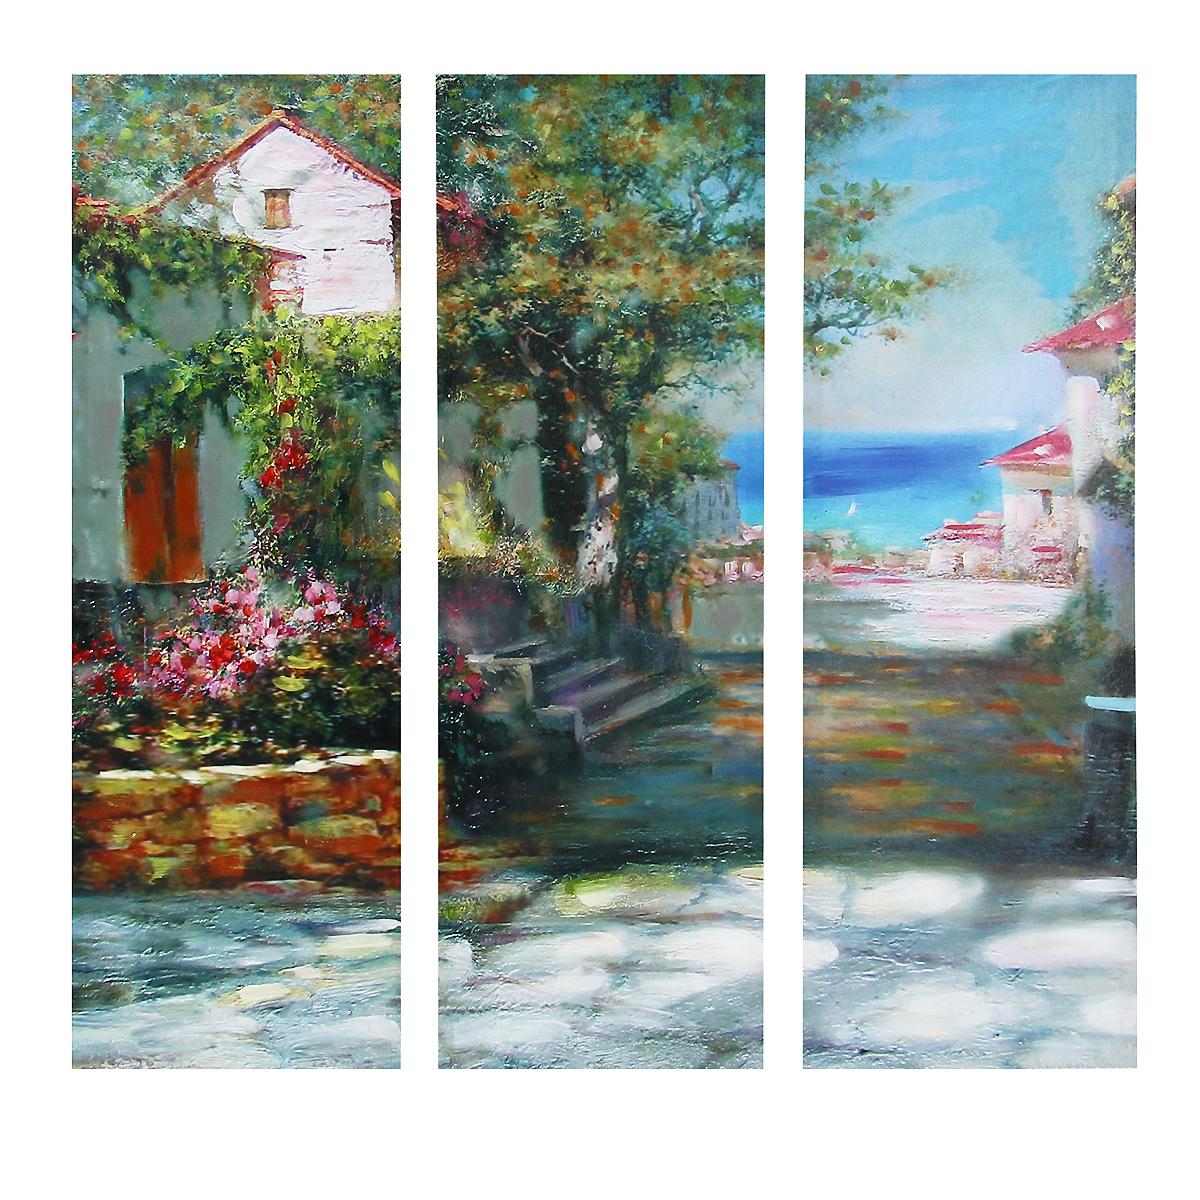 Картина-репродукция без рамки Домик в цветах, 78 см х 80 см х 2,5 см. 3602736027Картина-репродукция без рамки Домик в цветах выполнена из натуральной древесины. Техника выполнения - масляная печать на холсте с ручной подрисовкой. Картина состоит из трех частей с изображением домика. Такая картина - вдохновляющее декоративное решение, привносящее в интерьер нотки творчества и изысканности! Благодаря оригинальному дизайну картина дополнит интерьер любого помещения, а также сможет стать изысканным подарком для ваших друзей и близких.